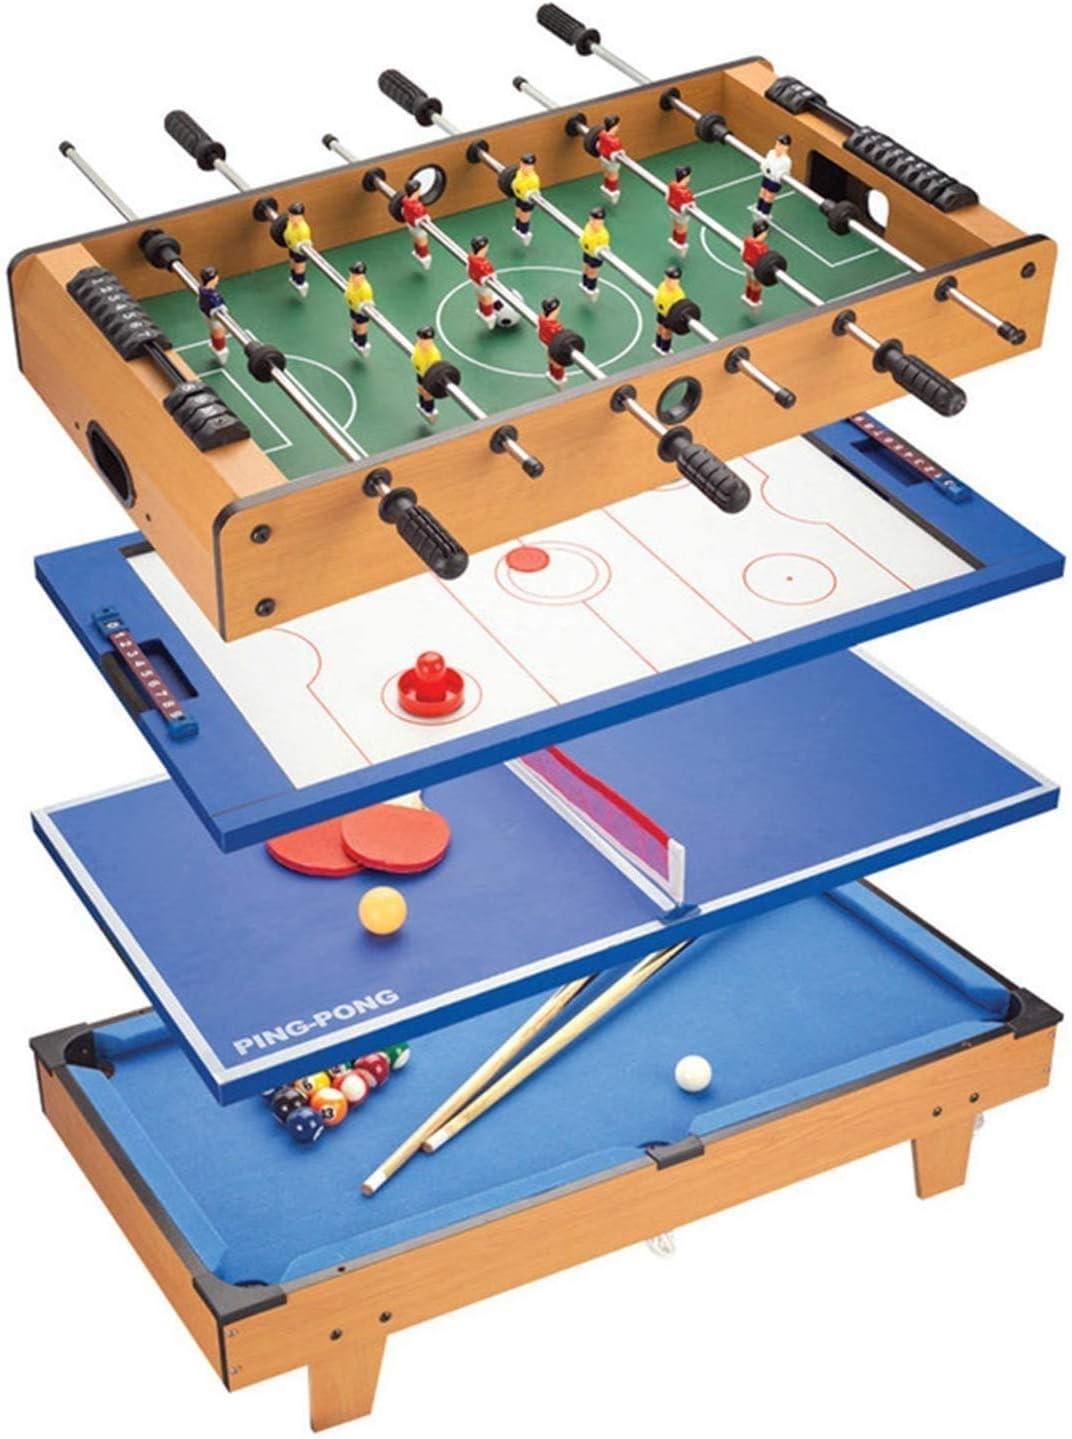 Cuatro en uno Juego de Mesa Fútbol / Hockey / tenis de mesa / billar 3+ Niños Juguetes educativos entre padres e hijos interactivo multi-función de billar mesa de la fiesta for la Casa Juguetes dongdo